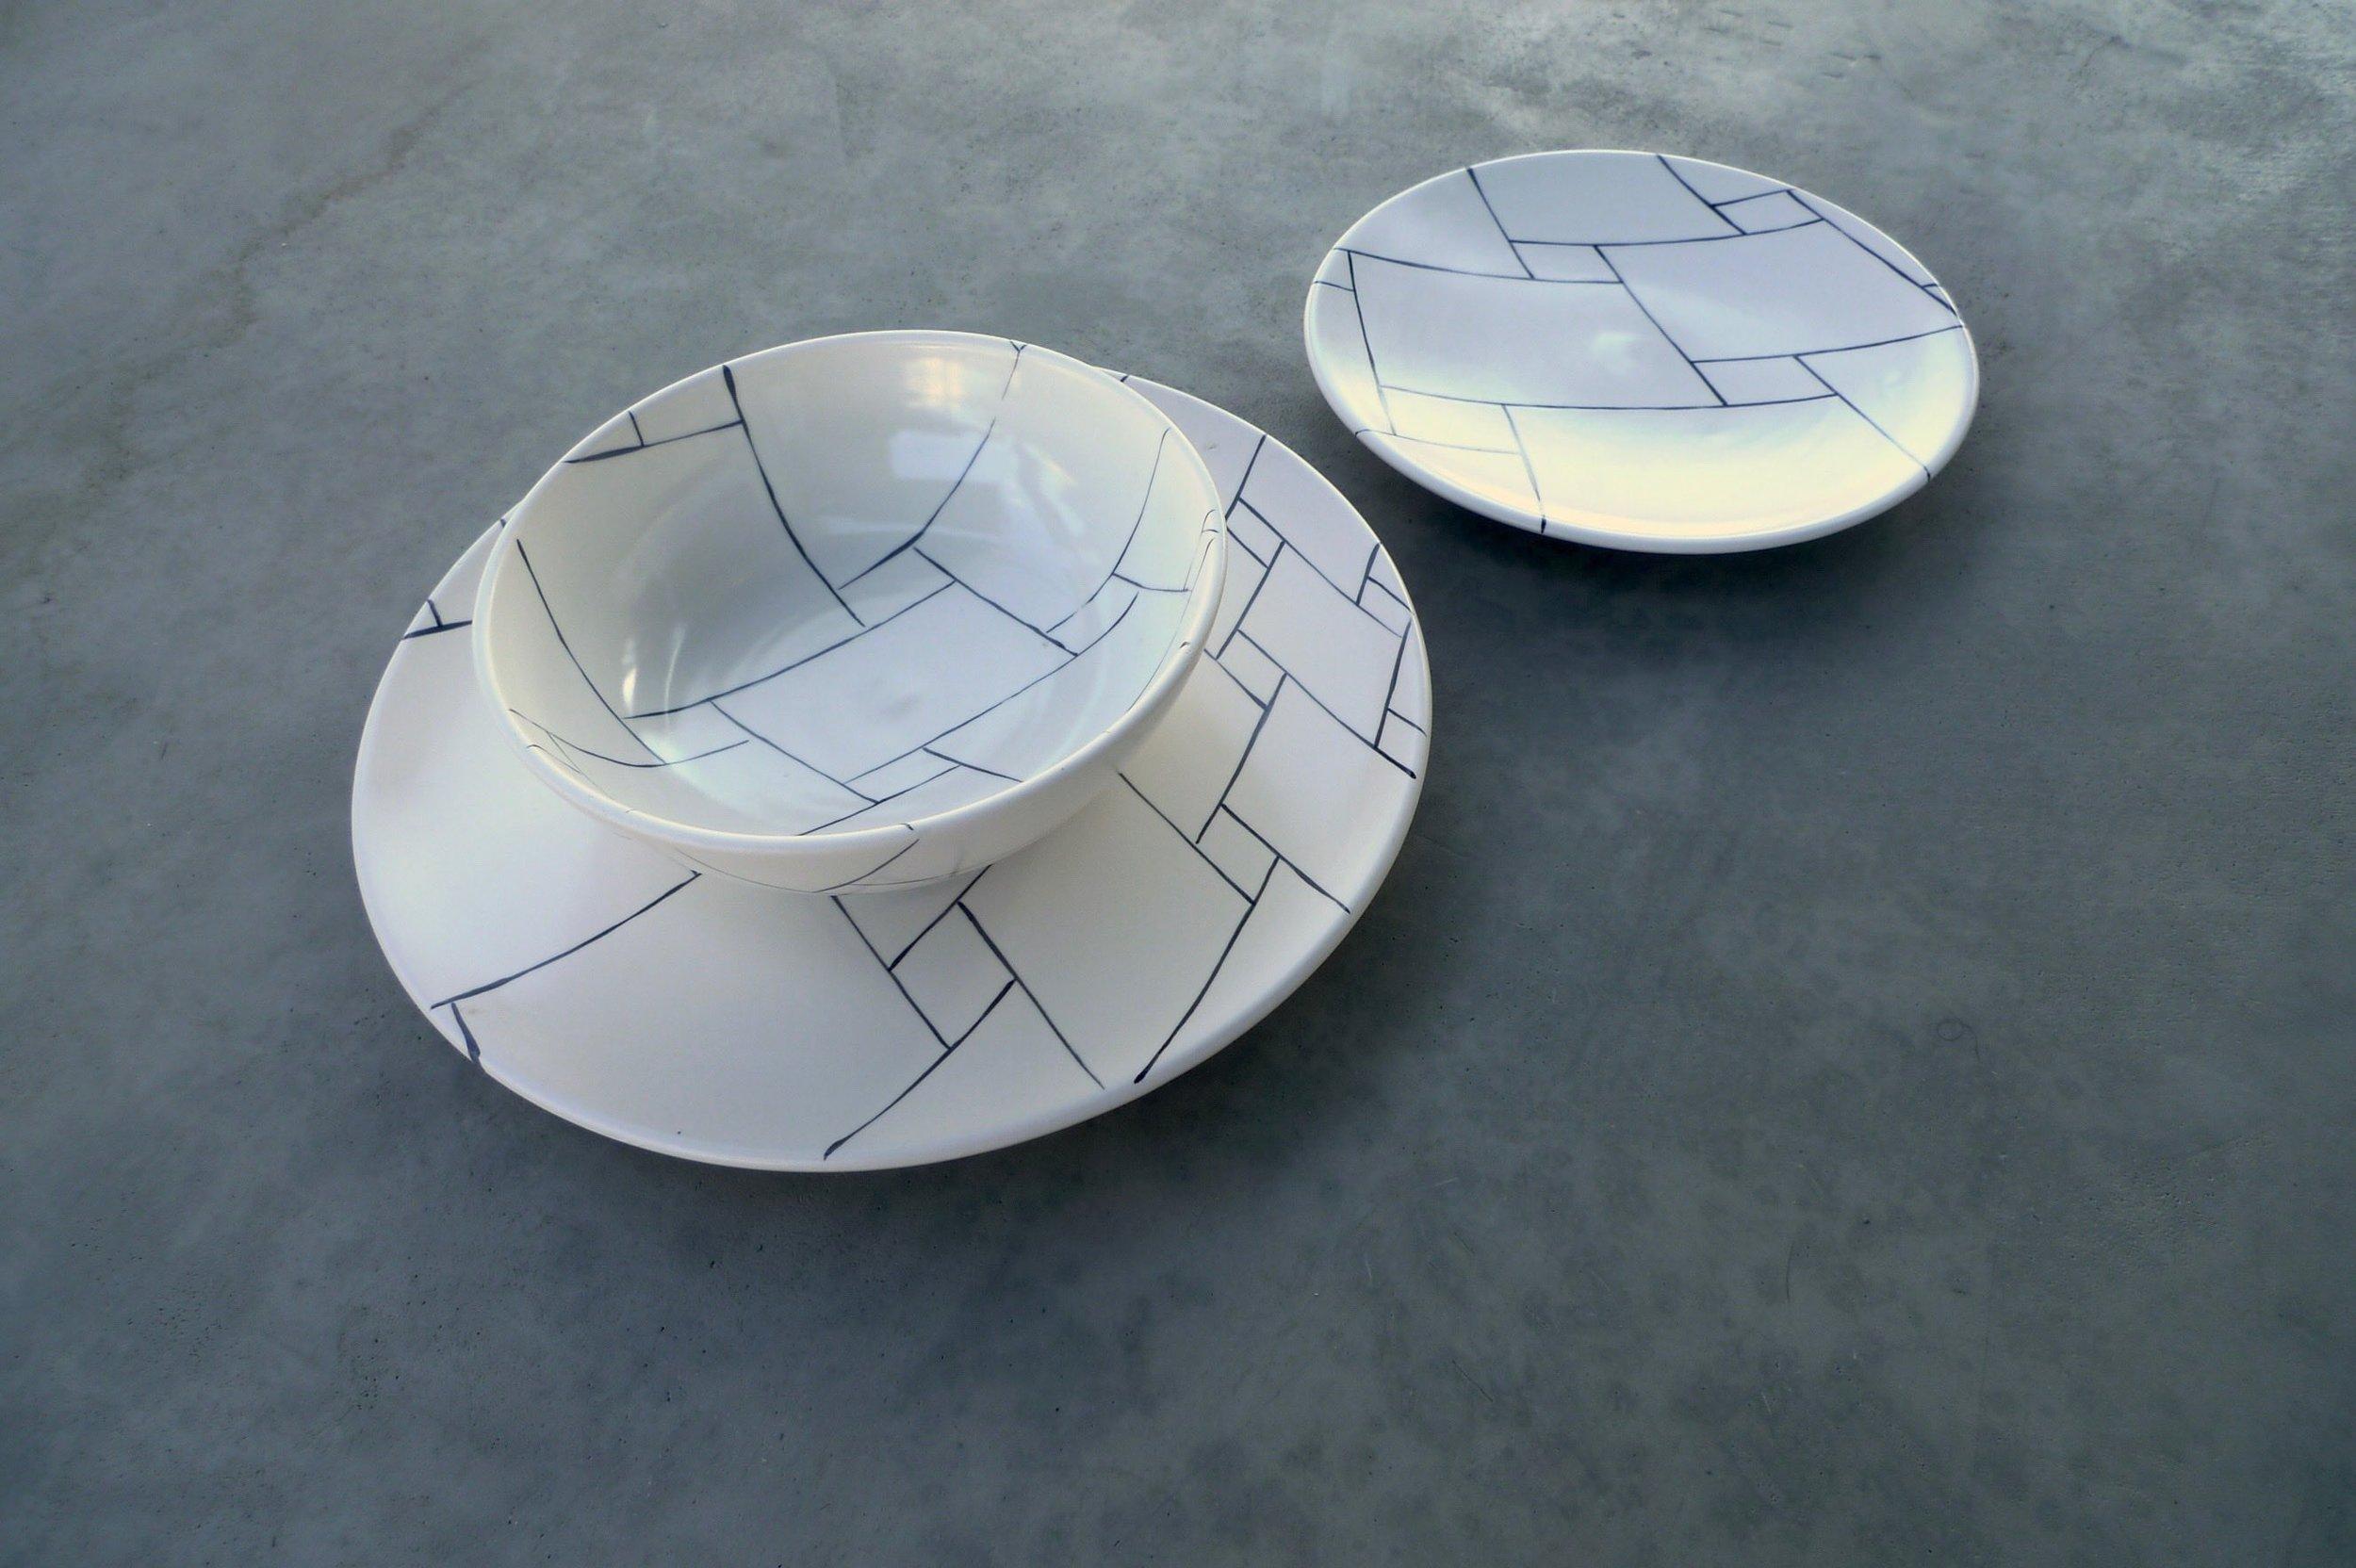 white ceramic body heavy:  bowl 6x20cm (60 E) plate 2x22cm (40E) plate 2x30cm (80E)